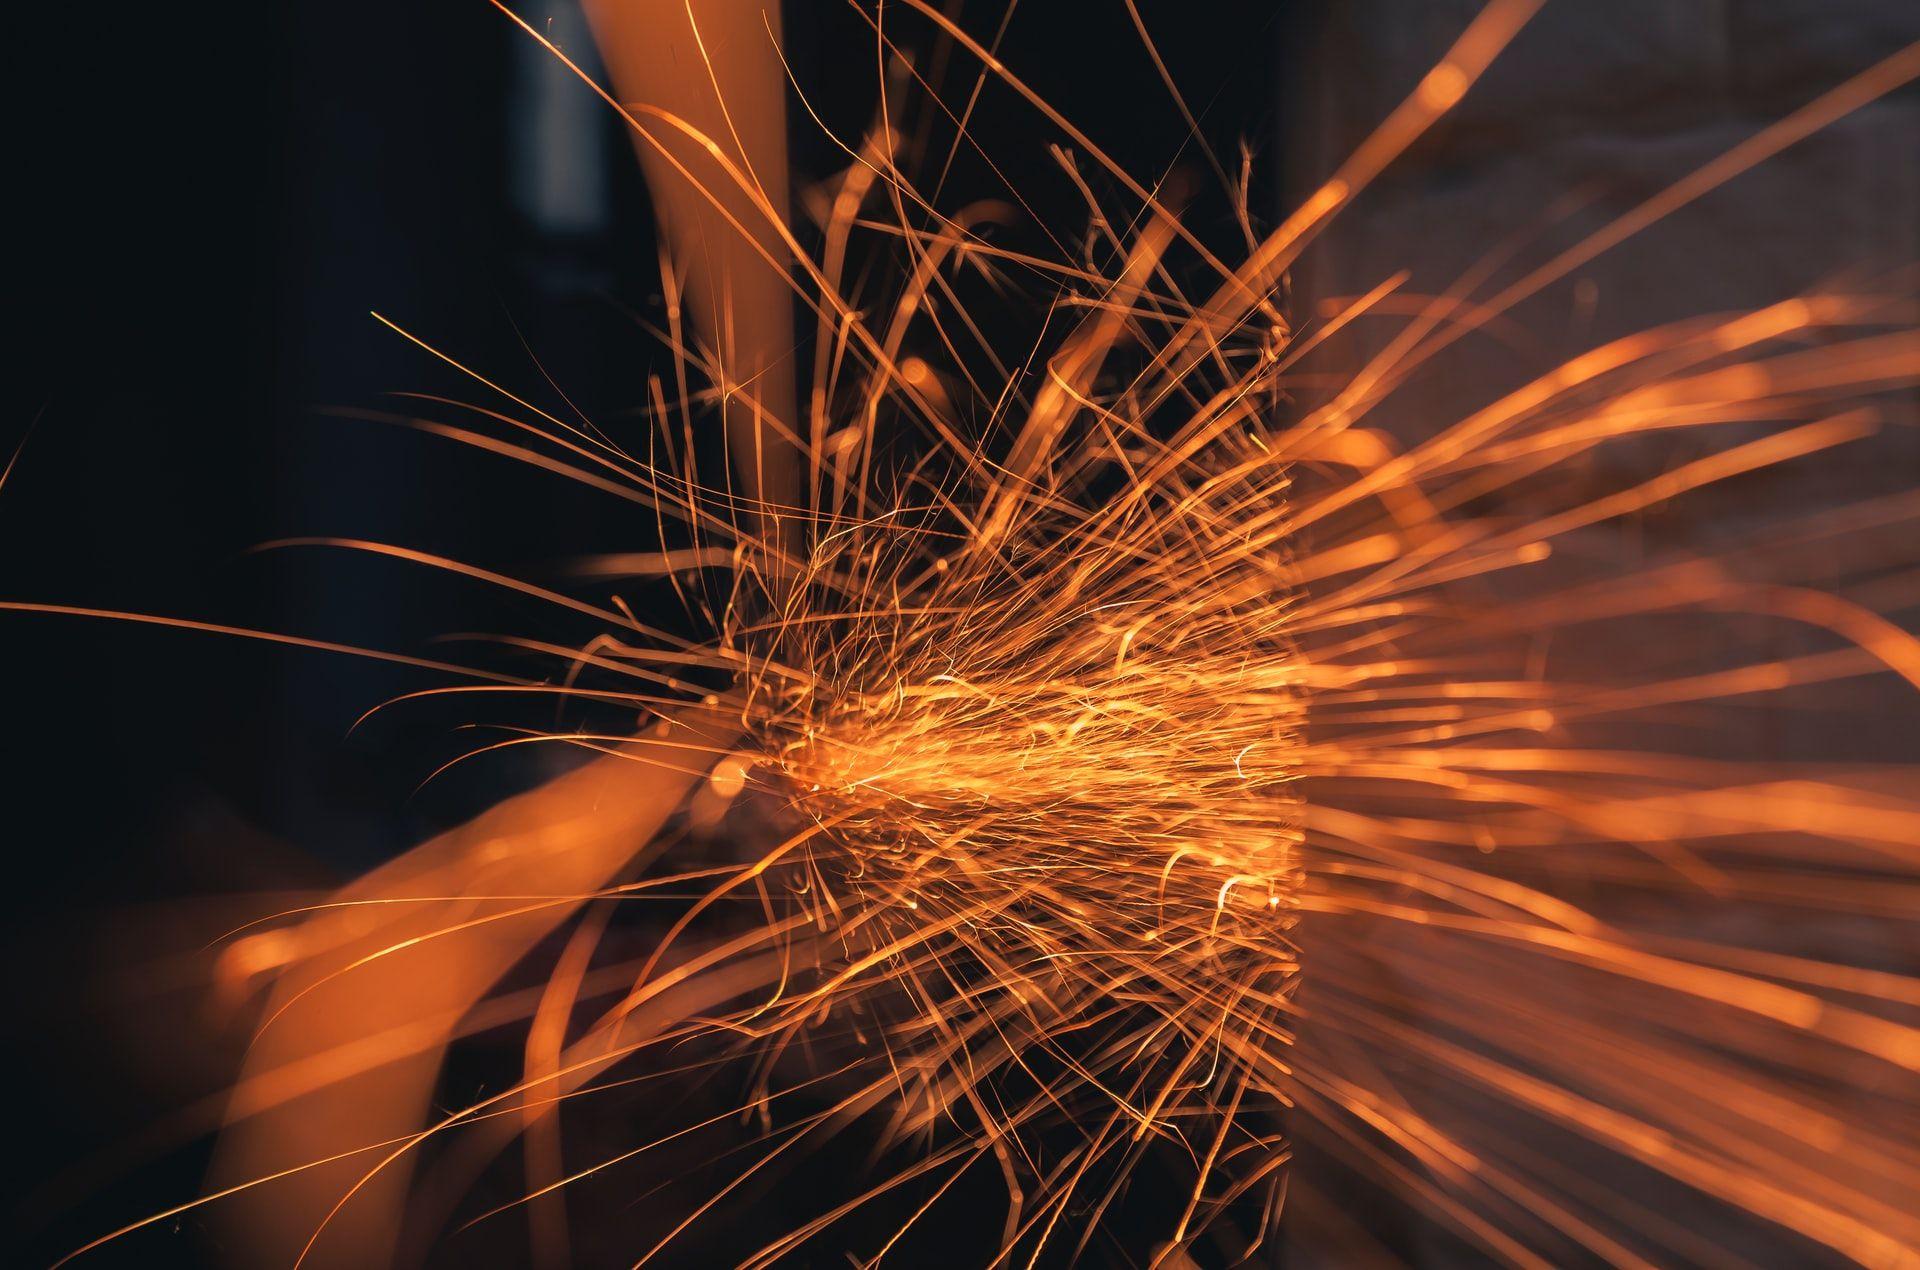 Grinder creating sparks via friction